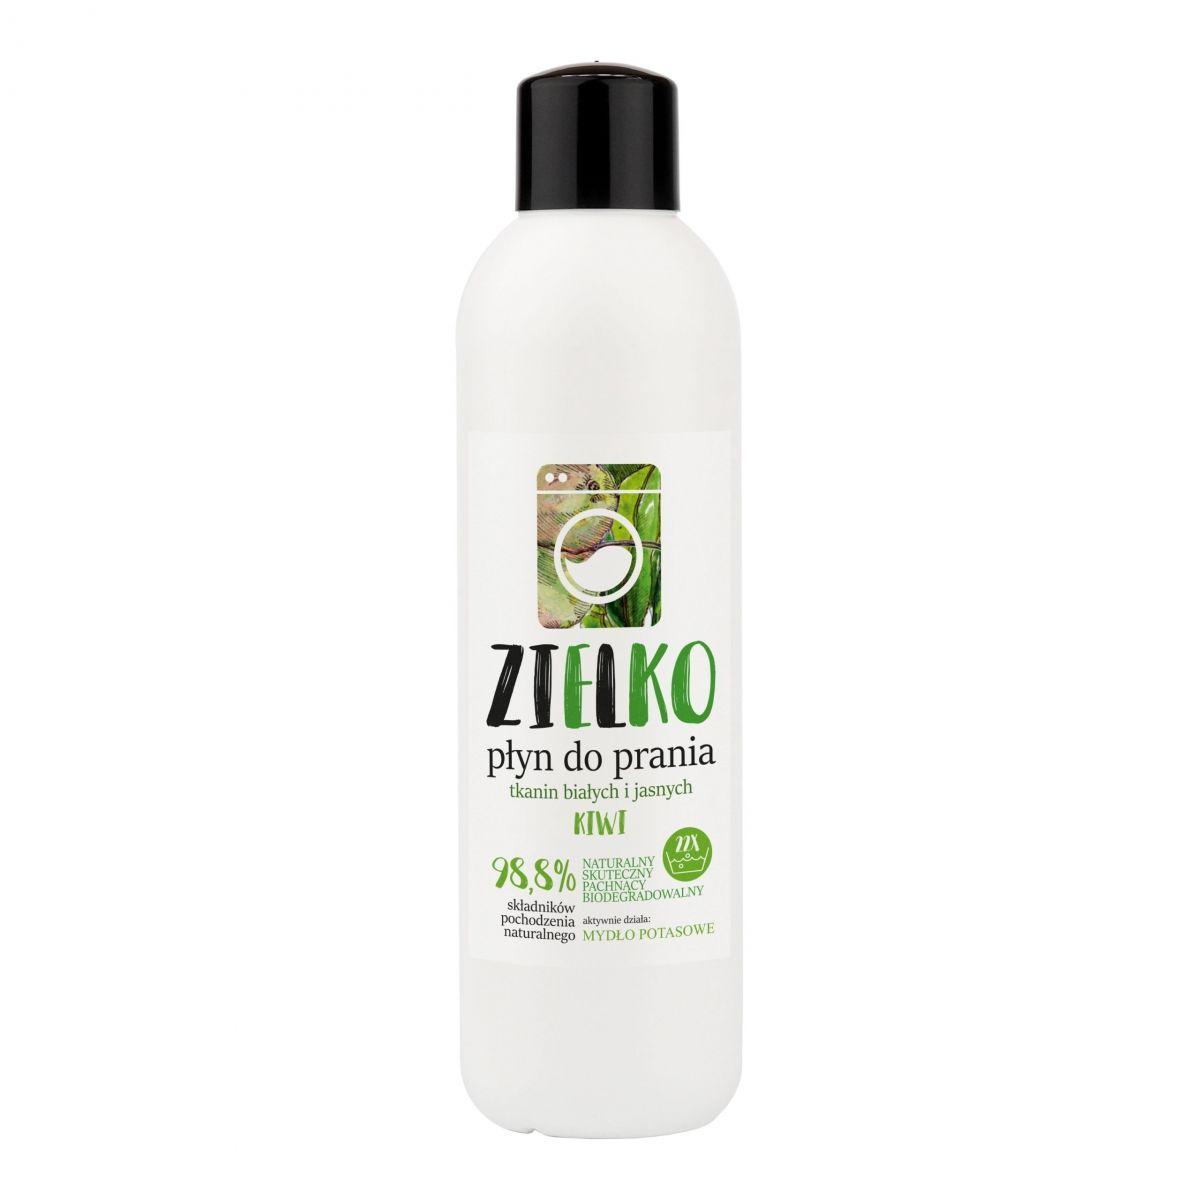 Płyn do prania tkanin białych i jasnych - kiwi - 1L - Zielko